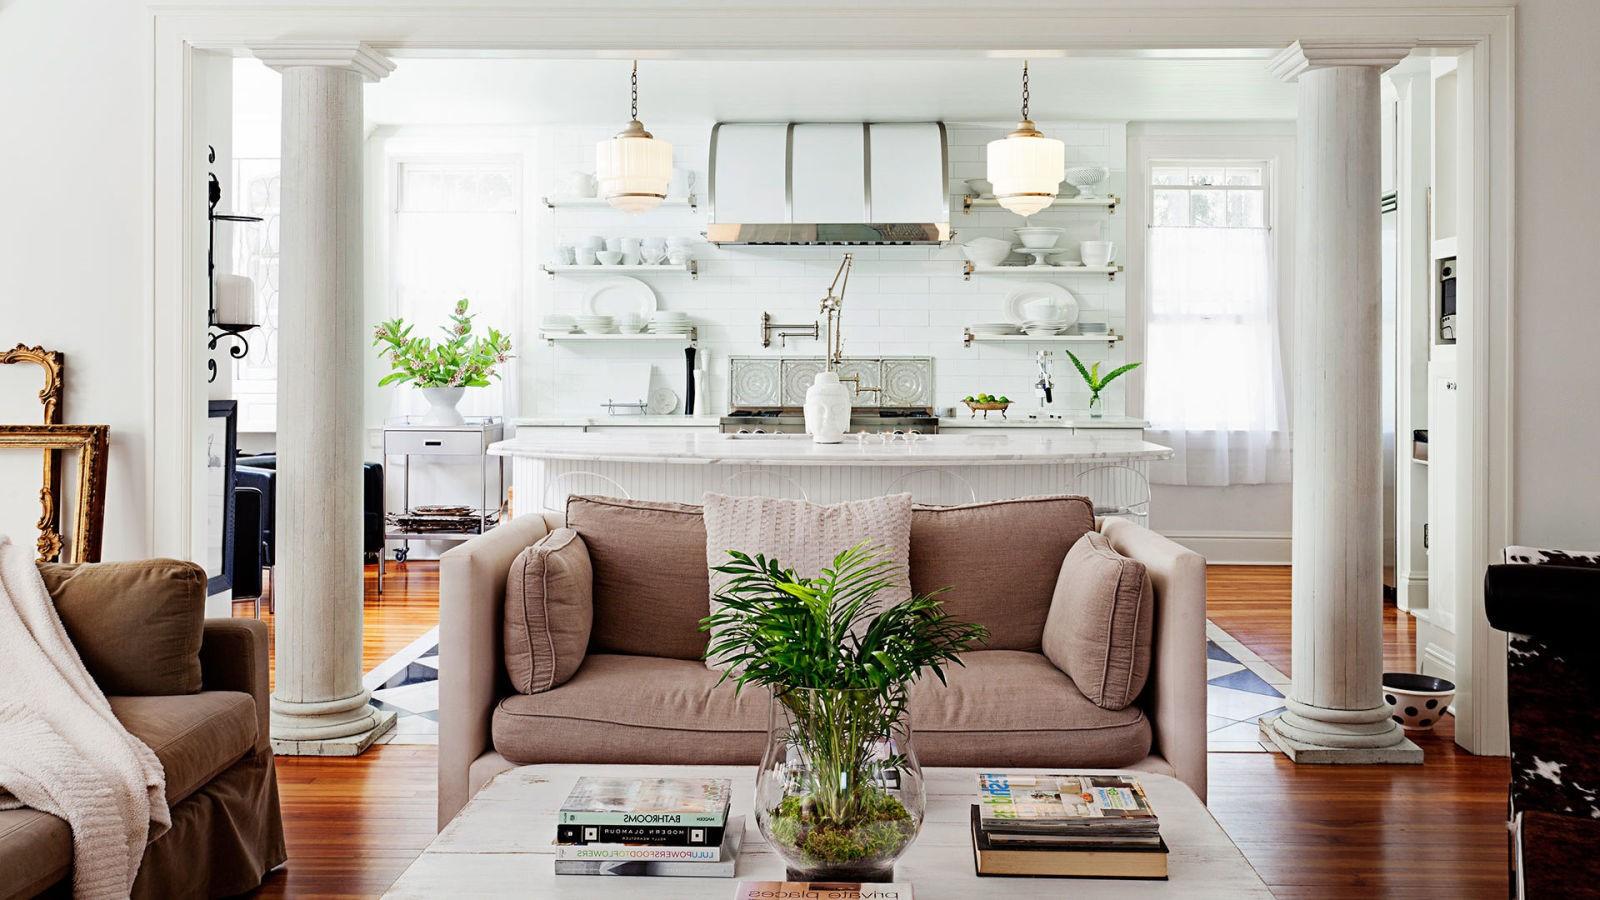 Un plan d'étage ouvert comme celui-ci divise deux zones distinctes: salon et cuisine.